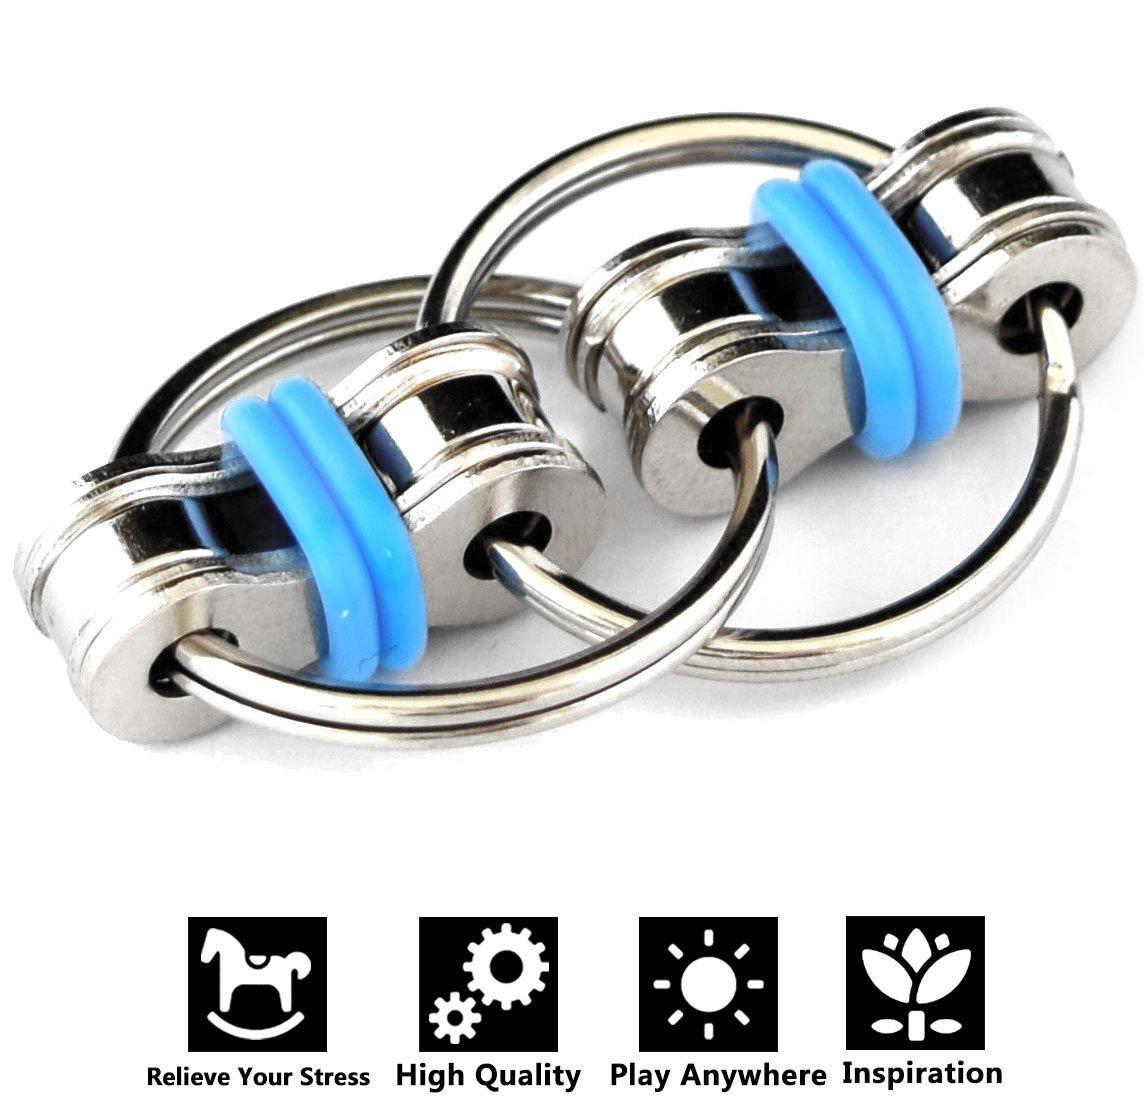 Pro-Noke Flippy Chain Fidget Toy